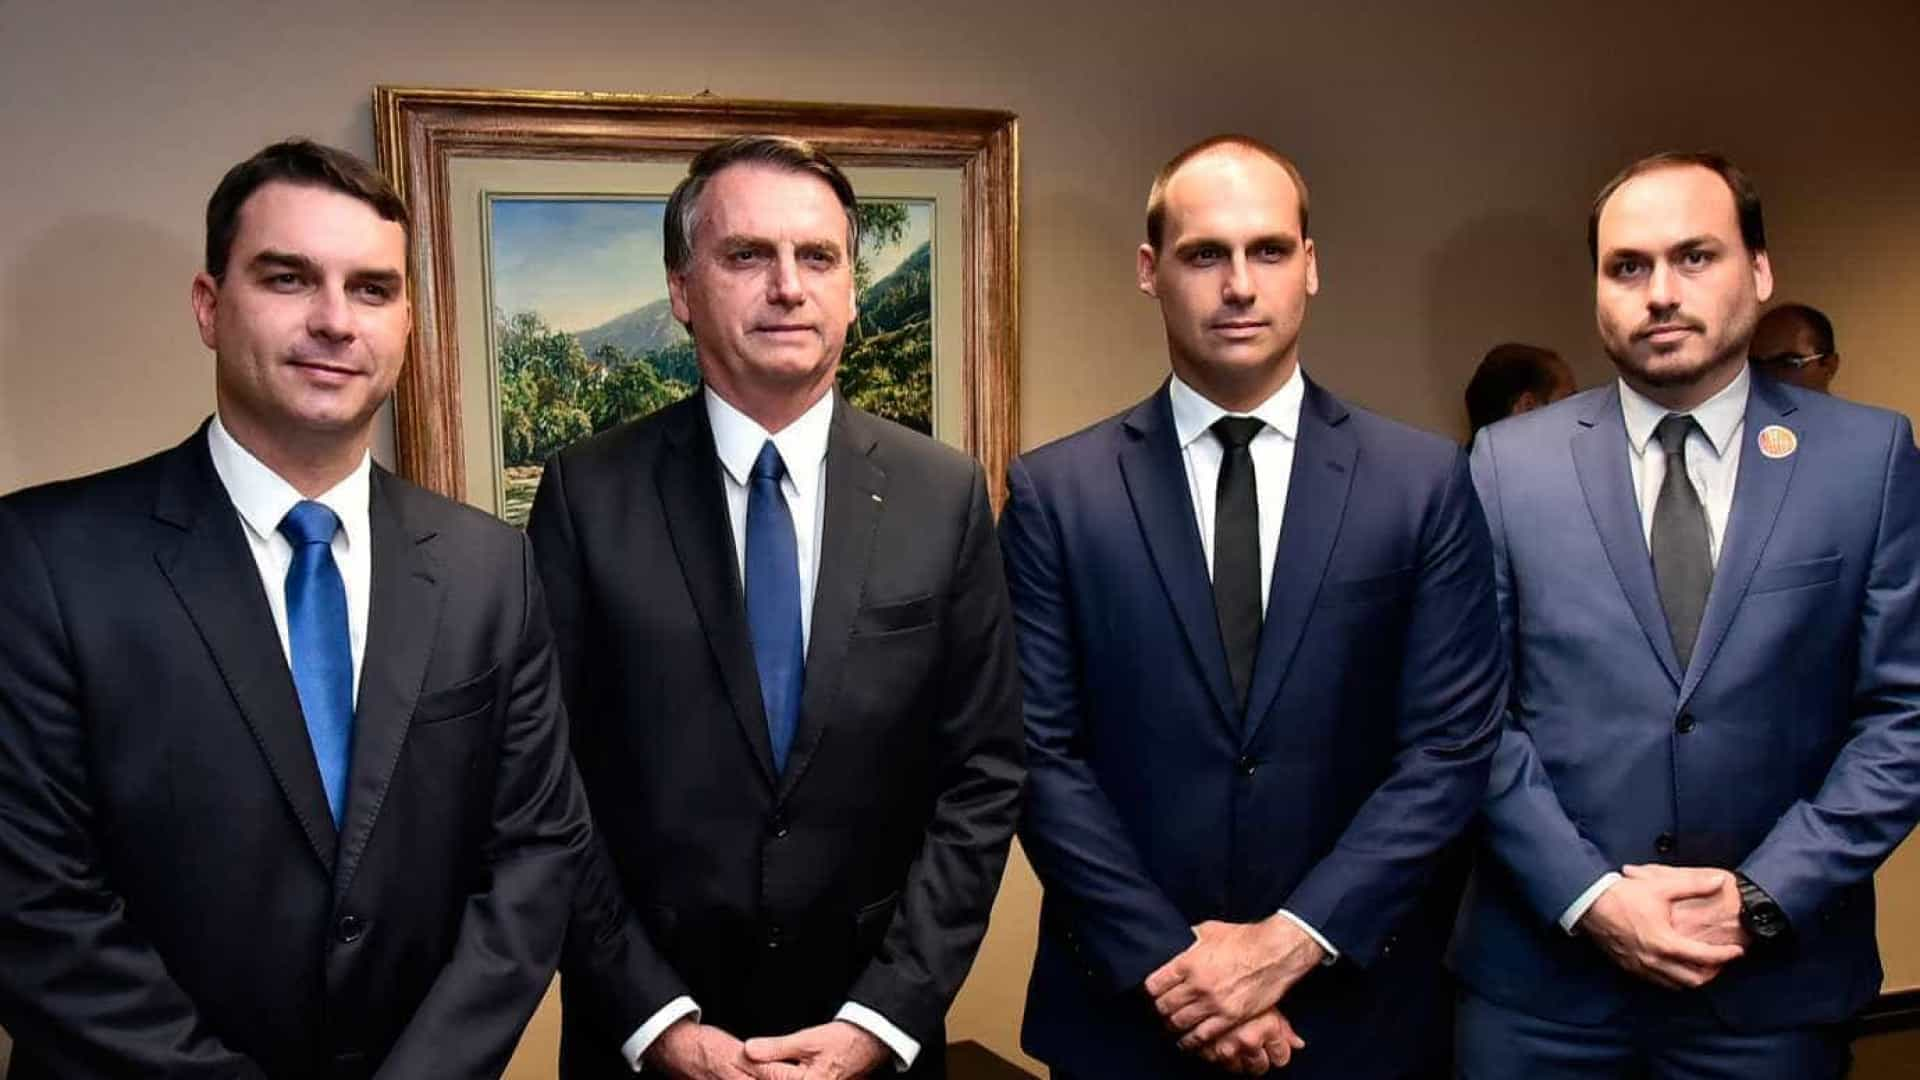 naom 5cc6e0579878c - Ação da PF aumenta pressão de filhos de Bolsonaro para manter Weintraub